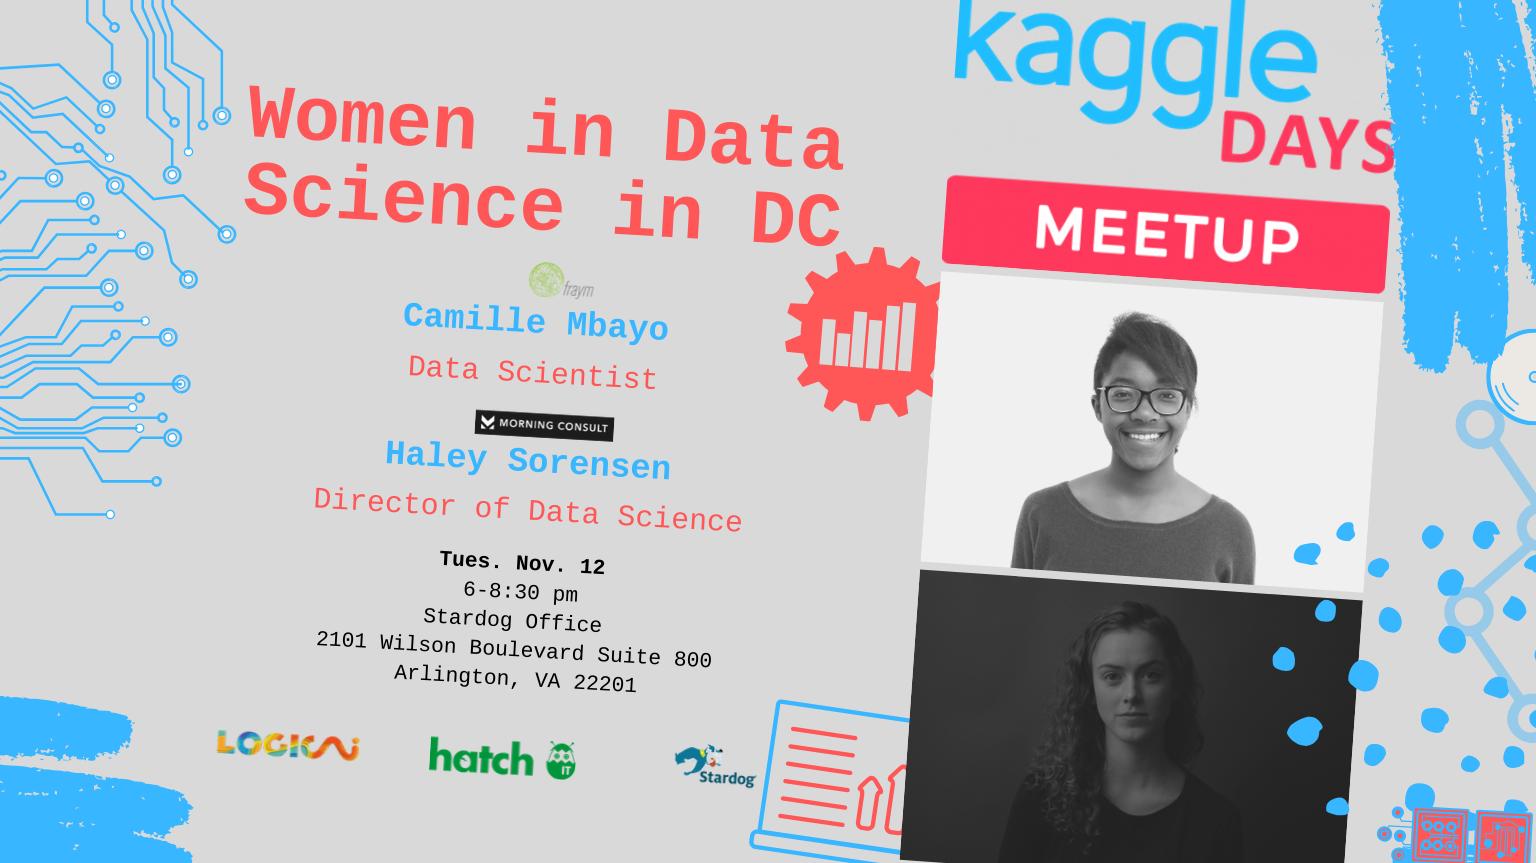 Women in Data Science in DC